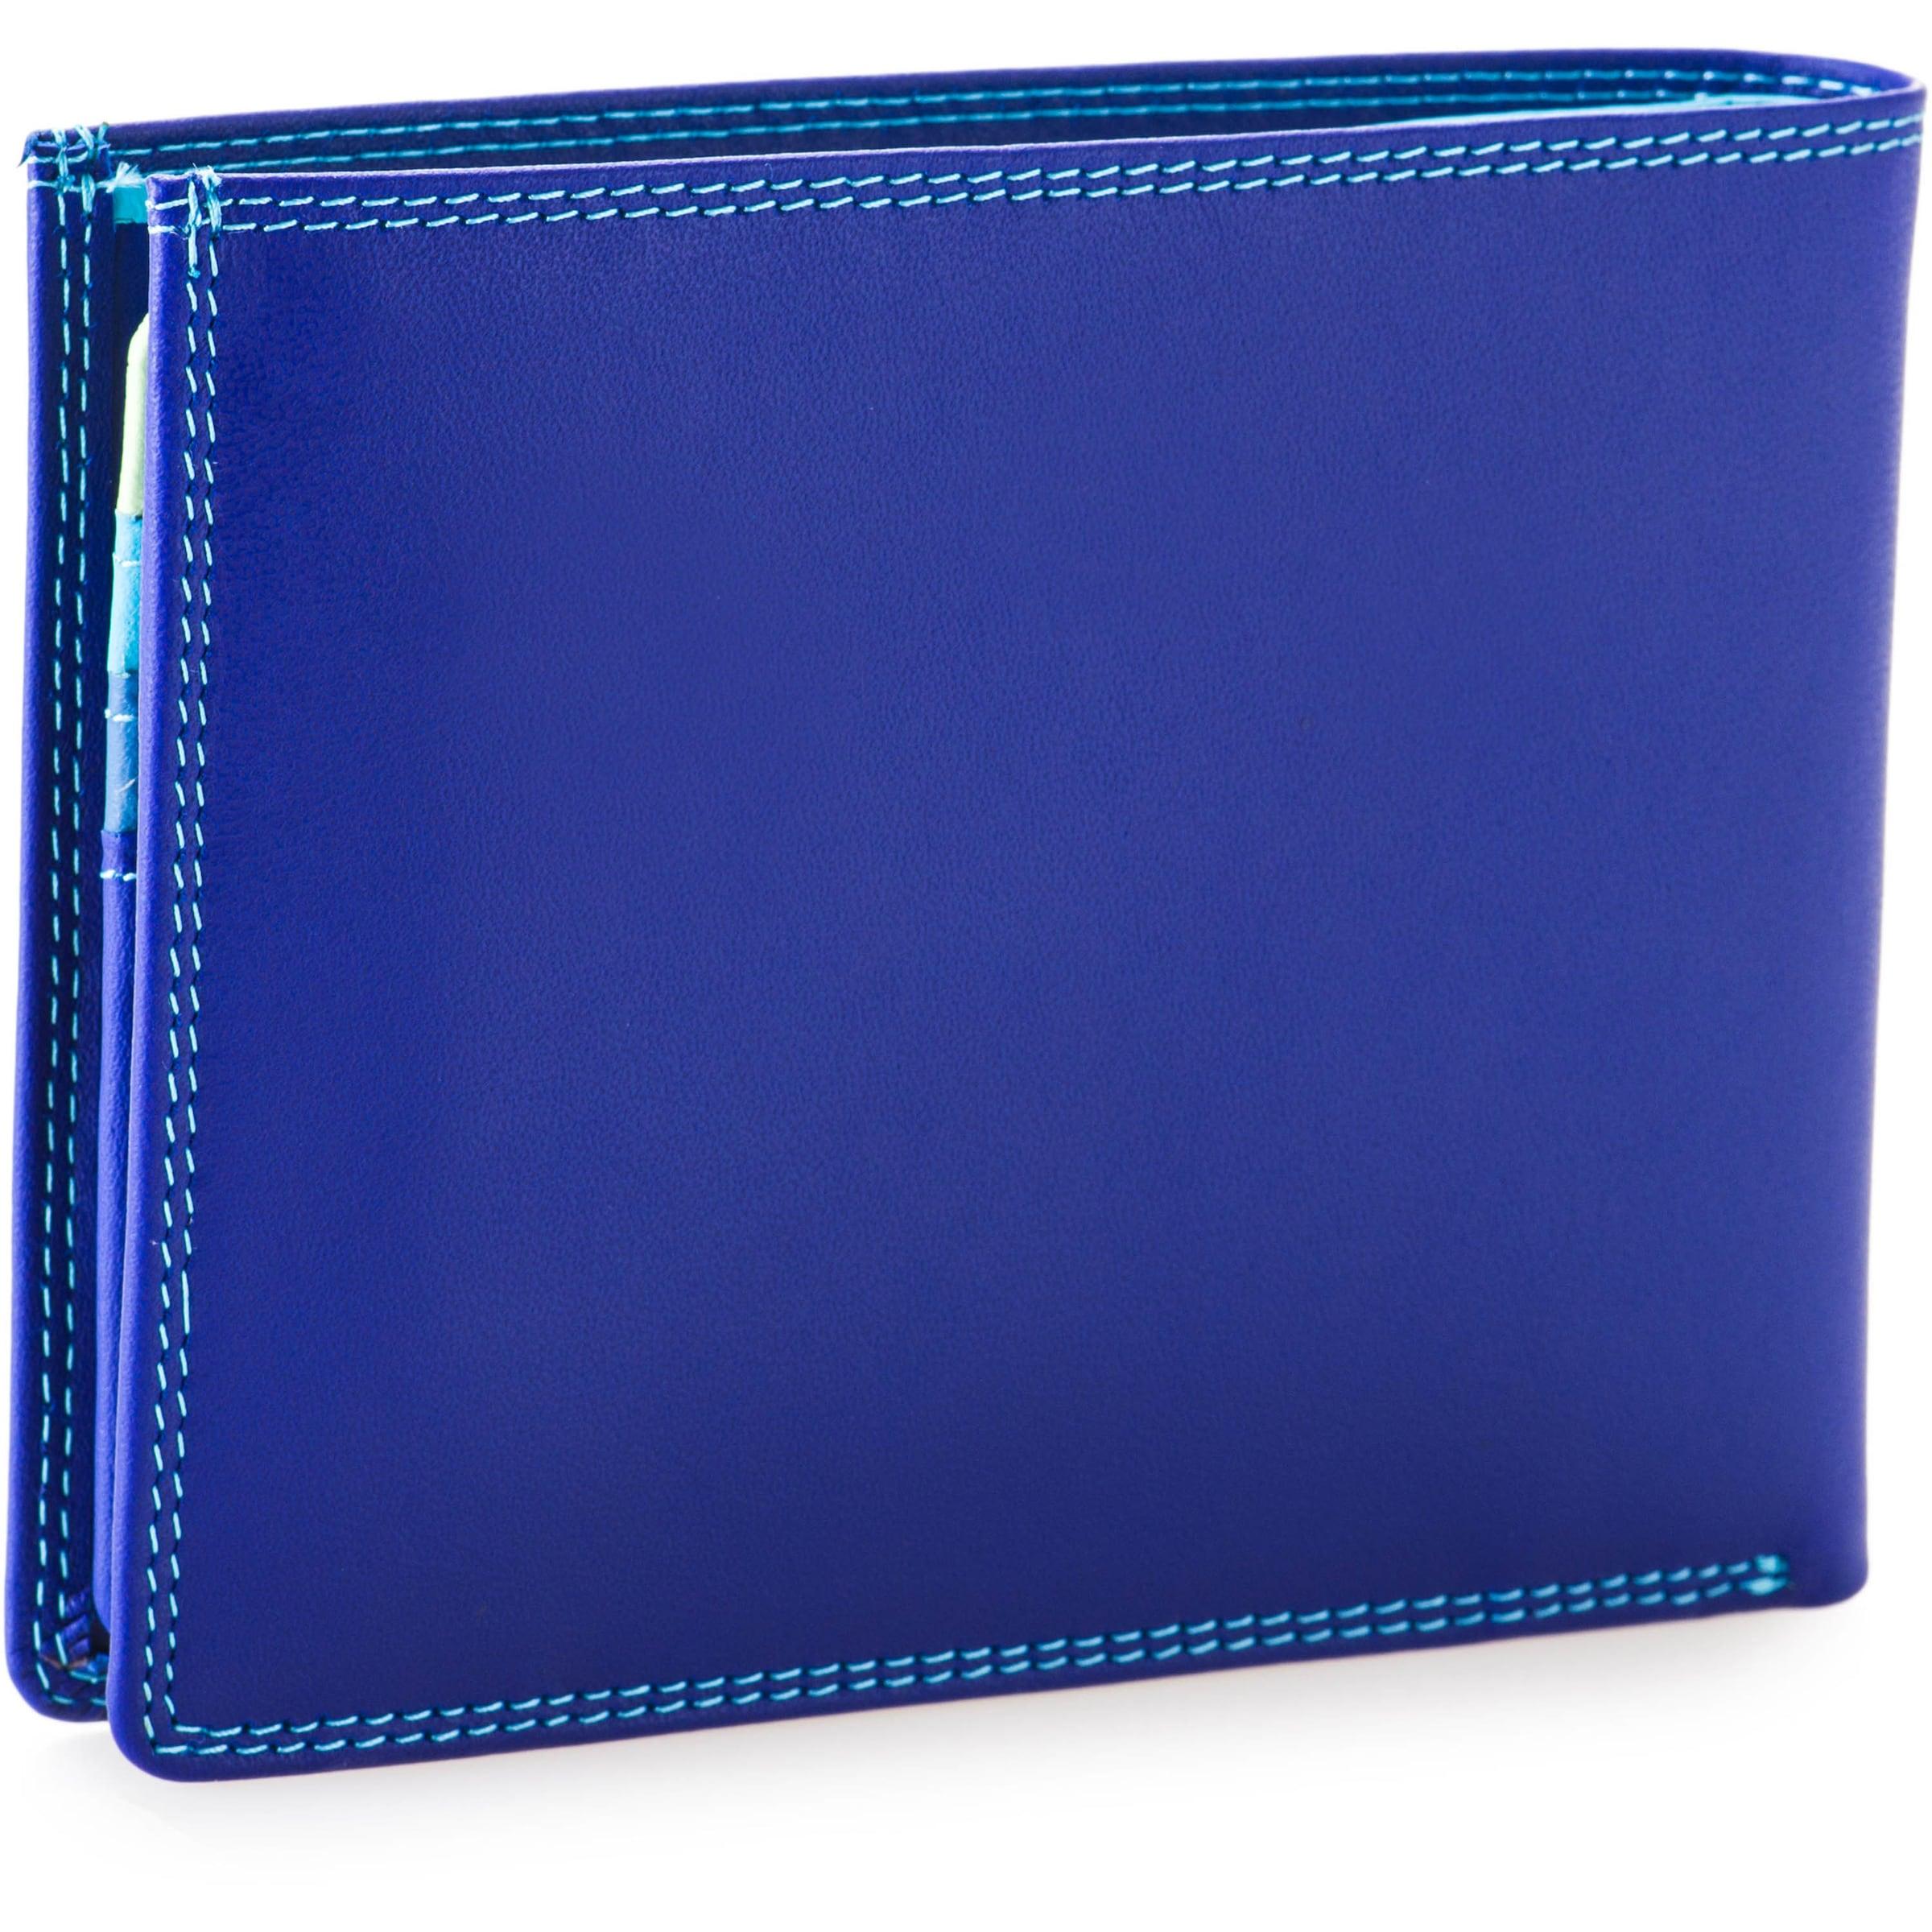 Geldbörse Geldbörse Blau Mywalit In Mywalit In N0wmvO8n